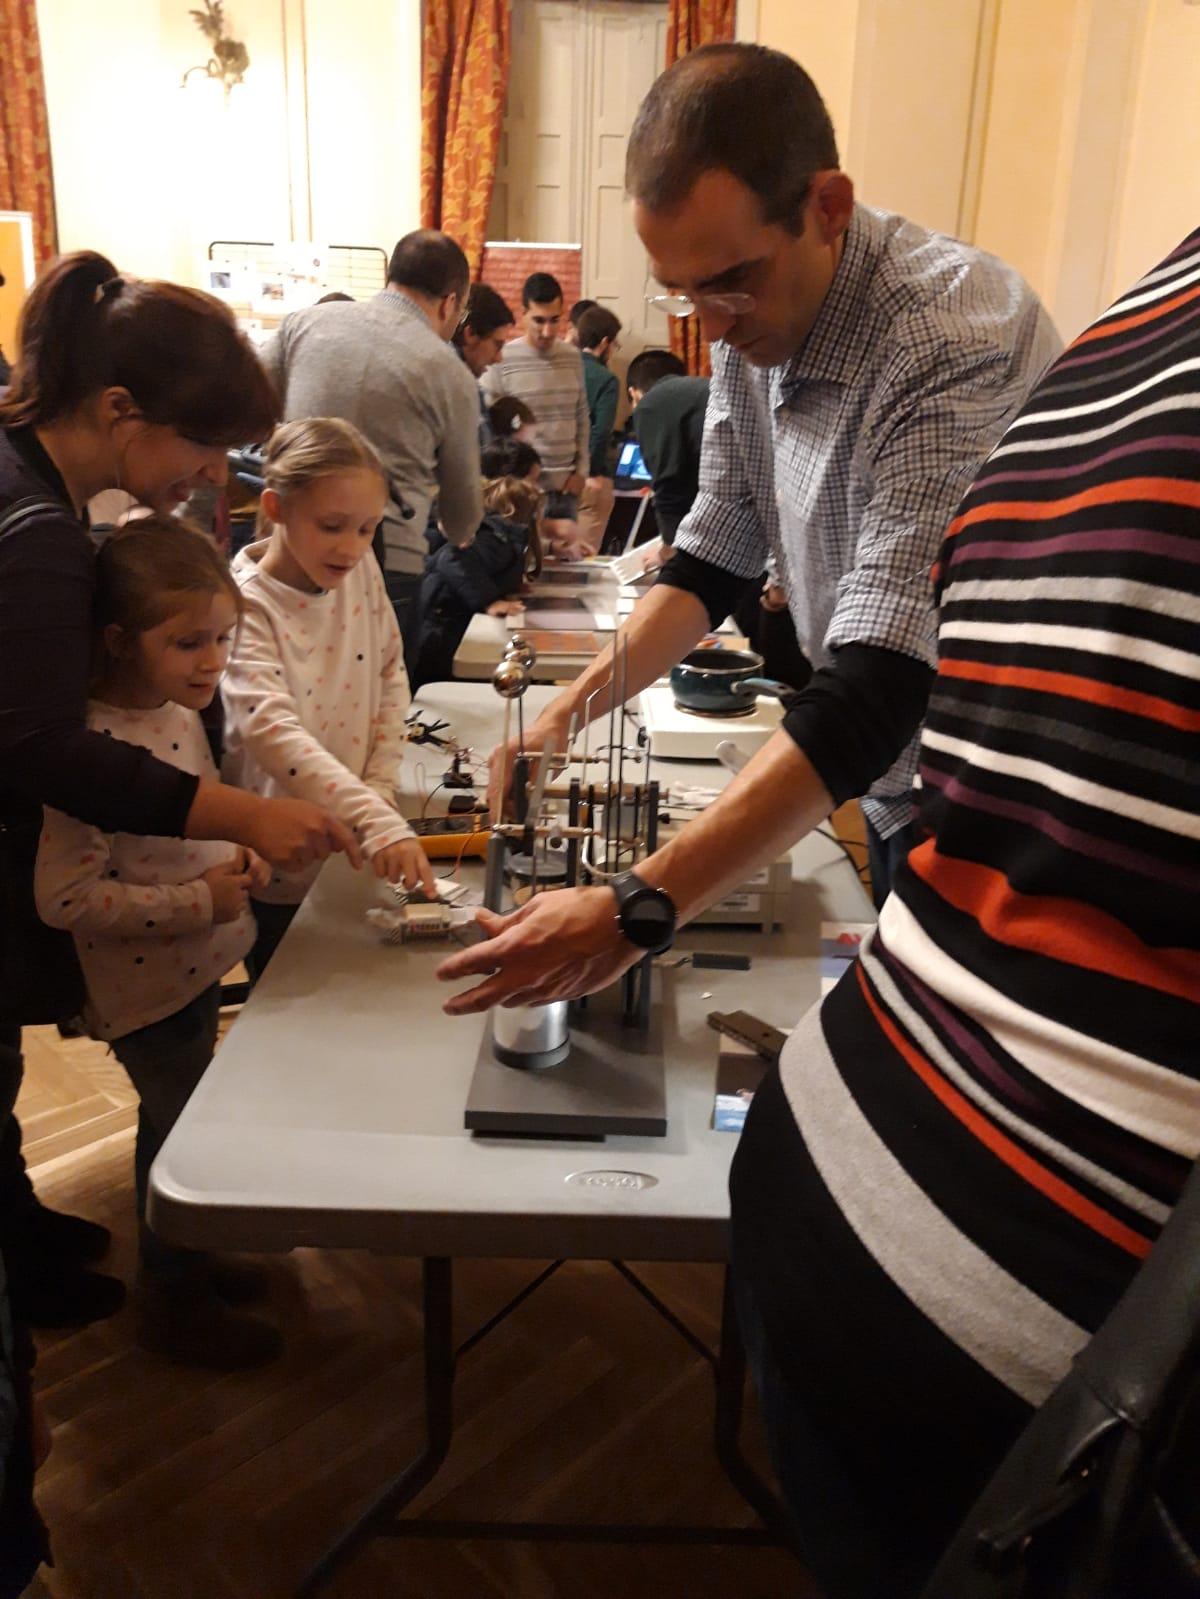 Mujeres Ingeniosas - Museo de Ciencia por un Día